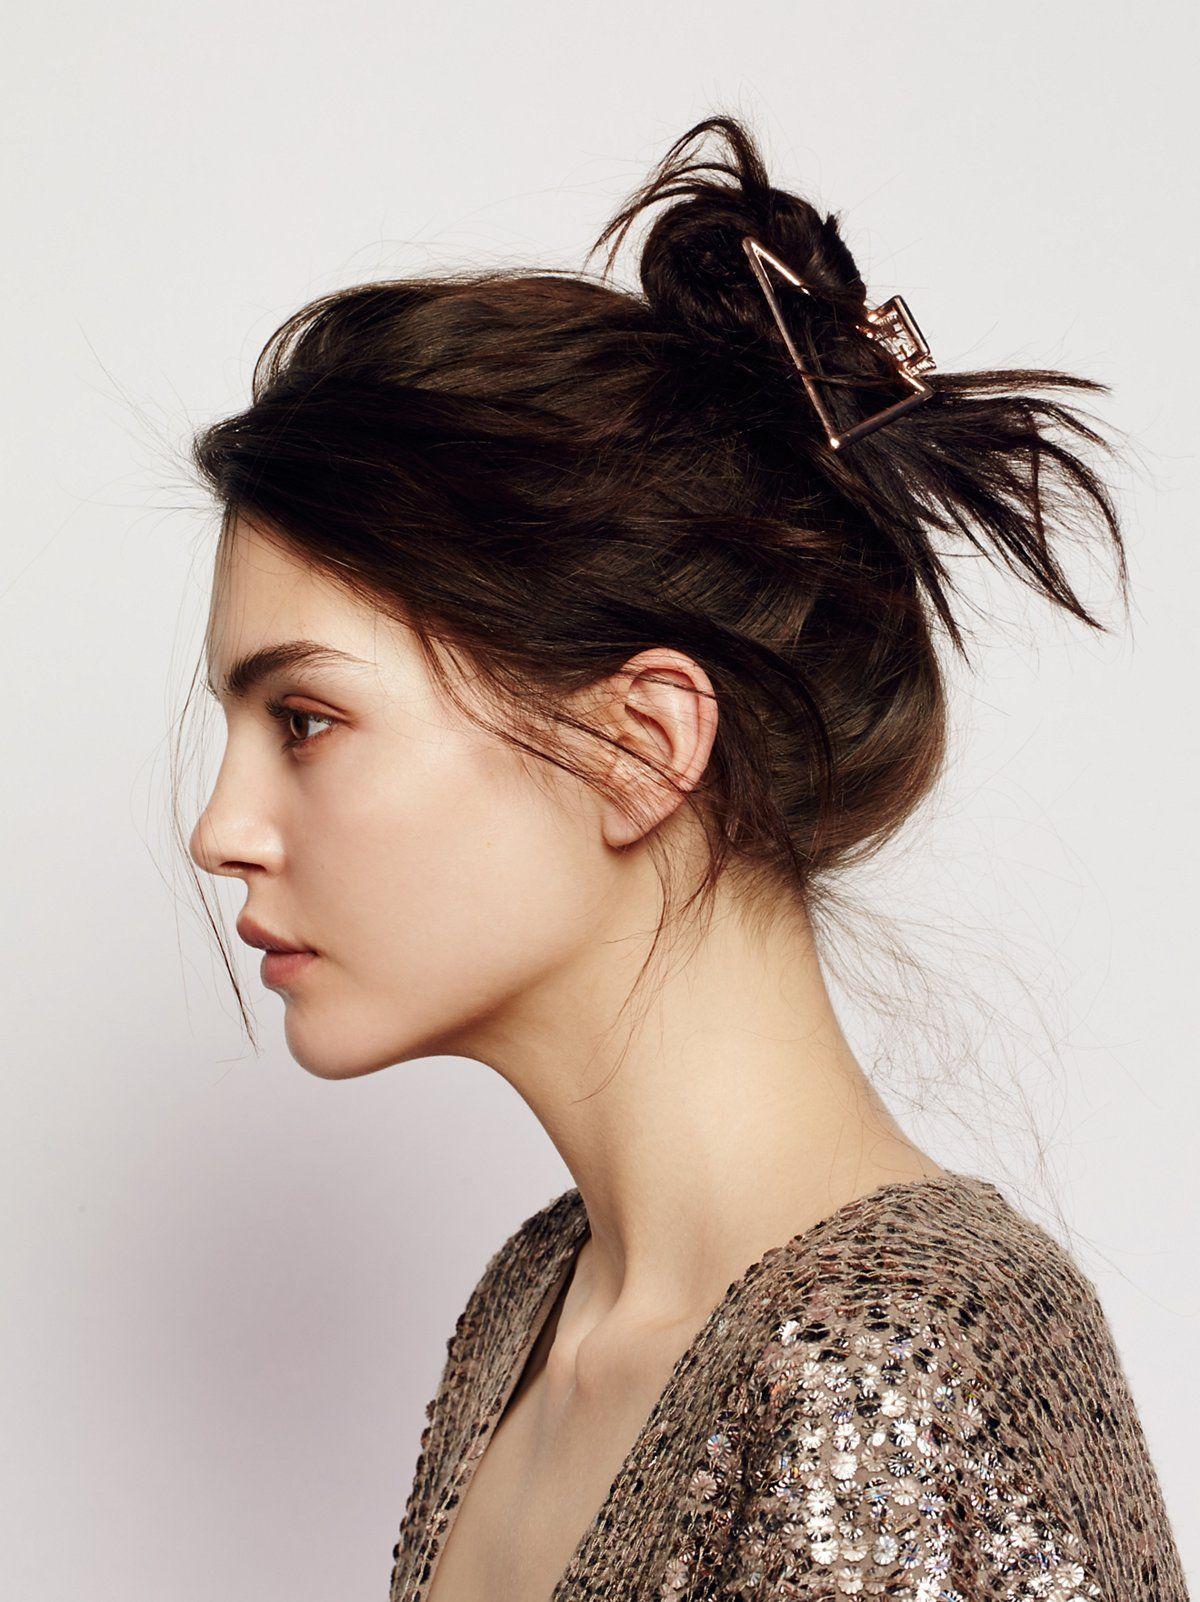 Simple Metal Claw In 2020 Metallic Hair Clip Hairstyles Long Hair Styles